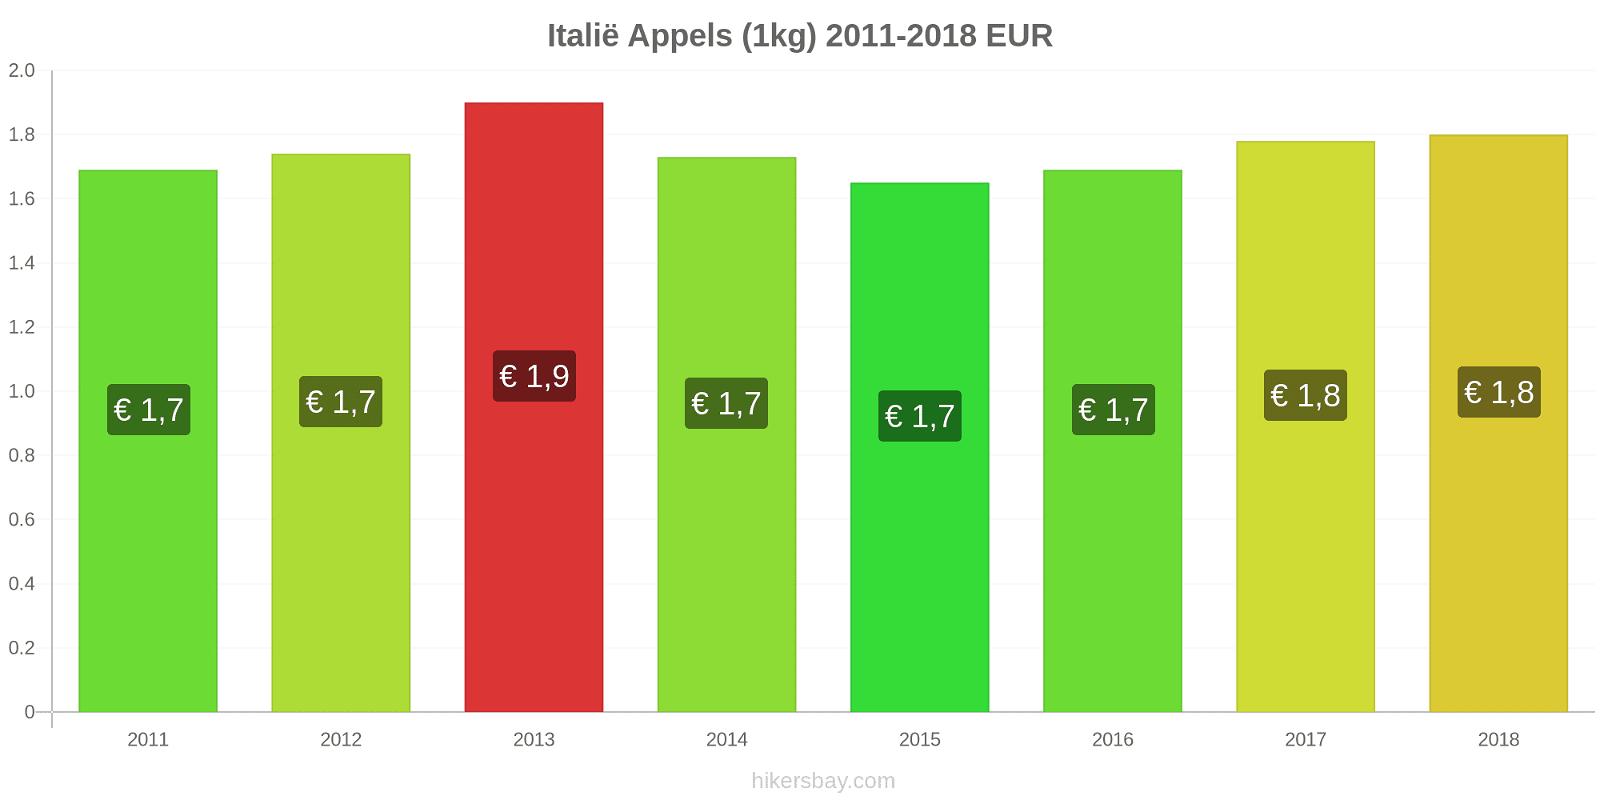 Italië prijswijzigingen Appels (1kg) hikersbay.com